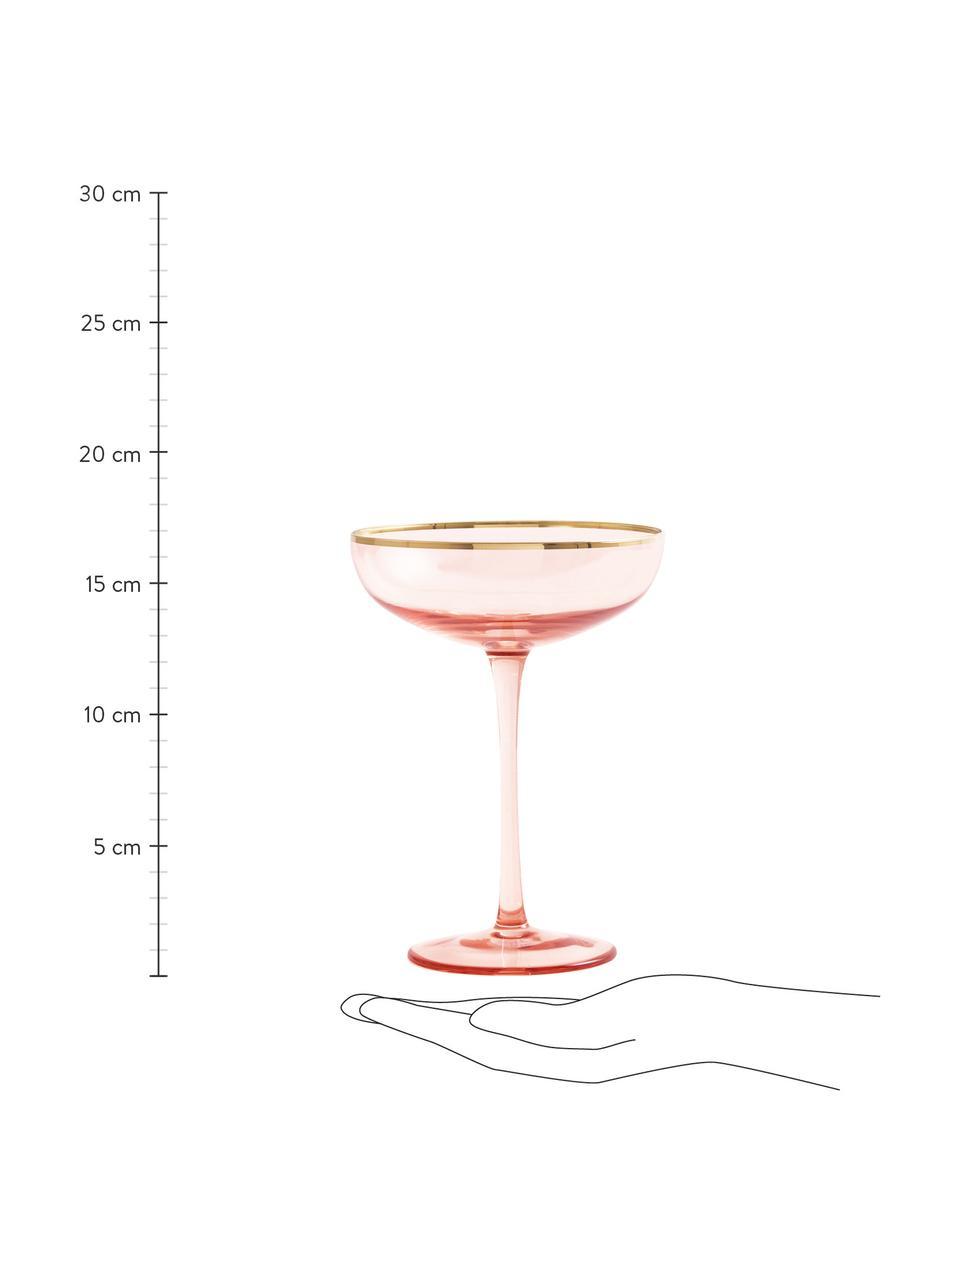 Coupe à champagne en verre teinté avec bordure dorée Goldie, 6pièces, Rose, or